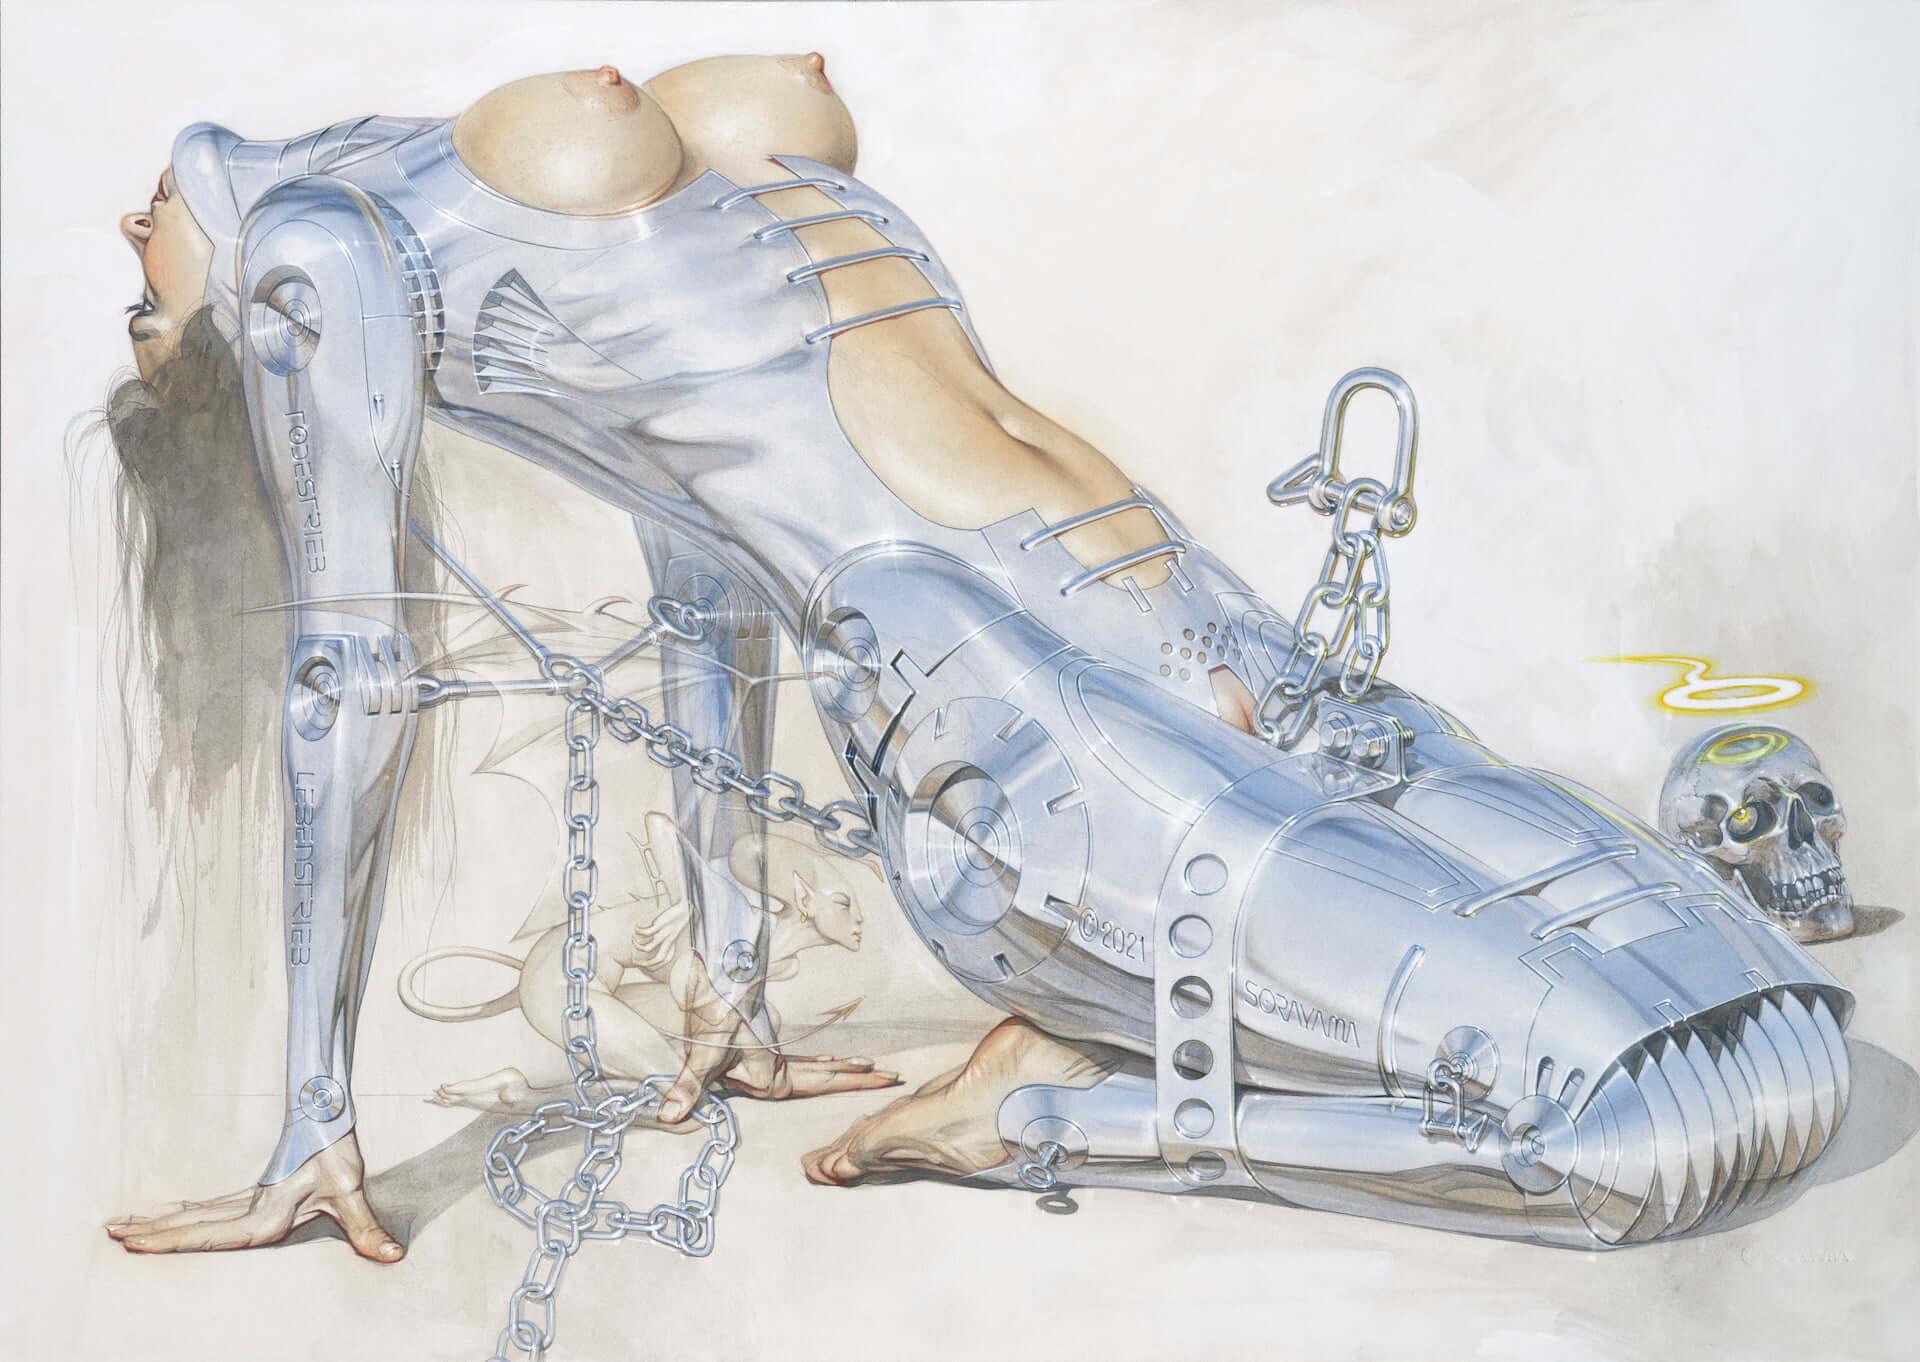 空山基とH.R.ギーガーのコラボ展が渋谷&心斎橋PARCOにて開催決定!NANZUKAと『KALEIDOSCOPE』編集長が共同でキュレーション art201214_giger-sorayama_1-1920x1362